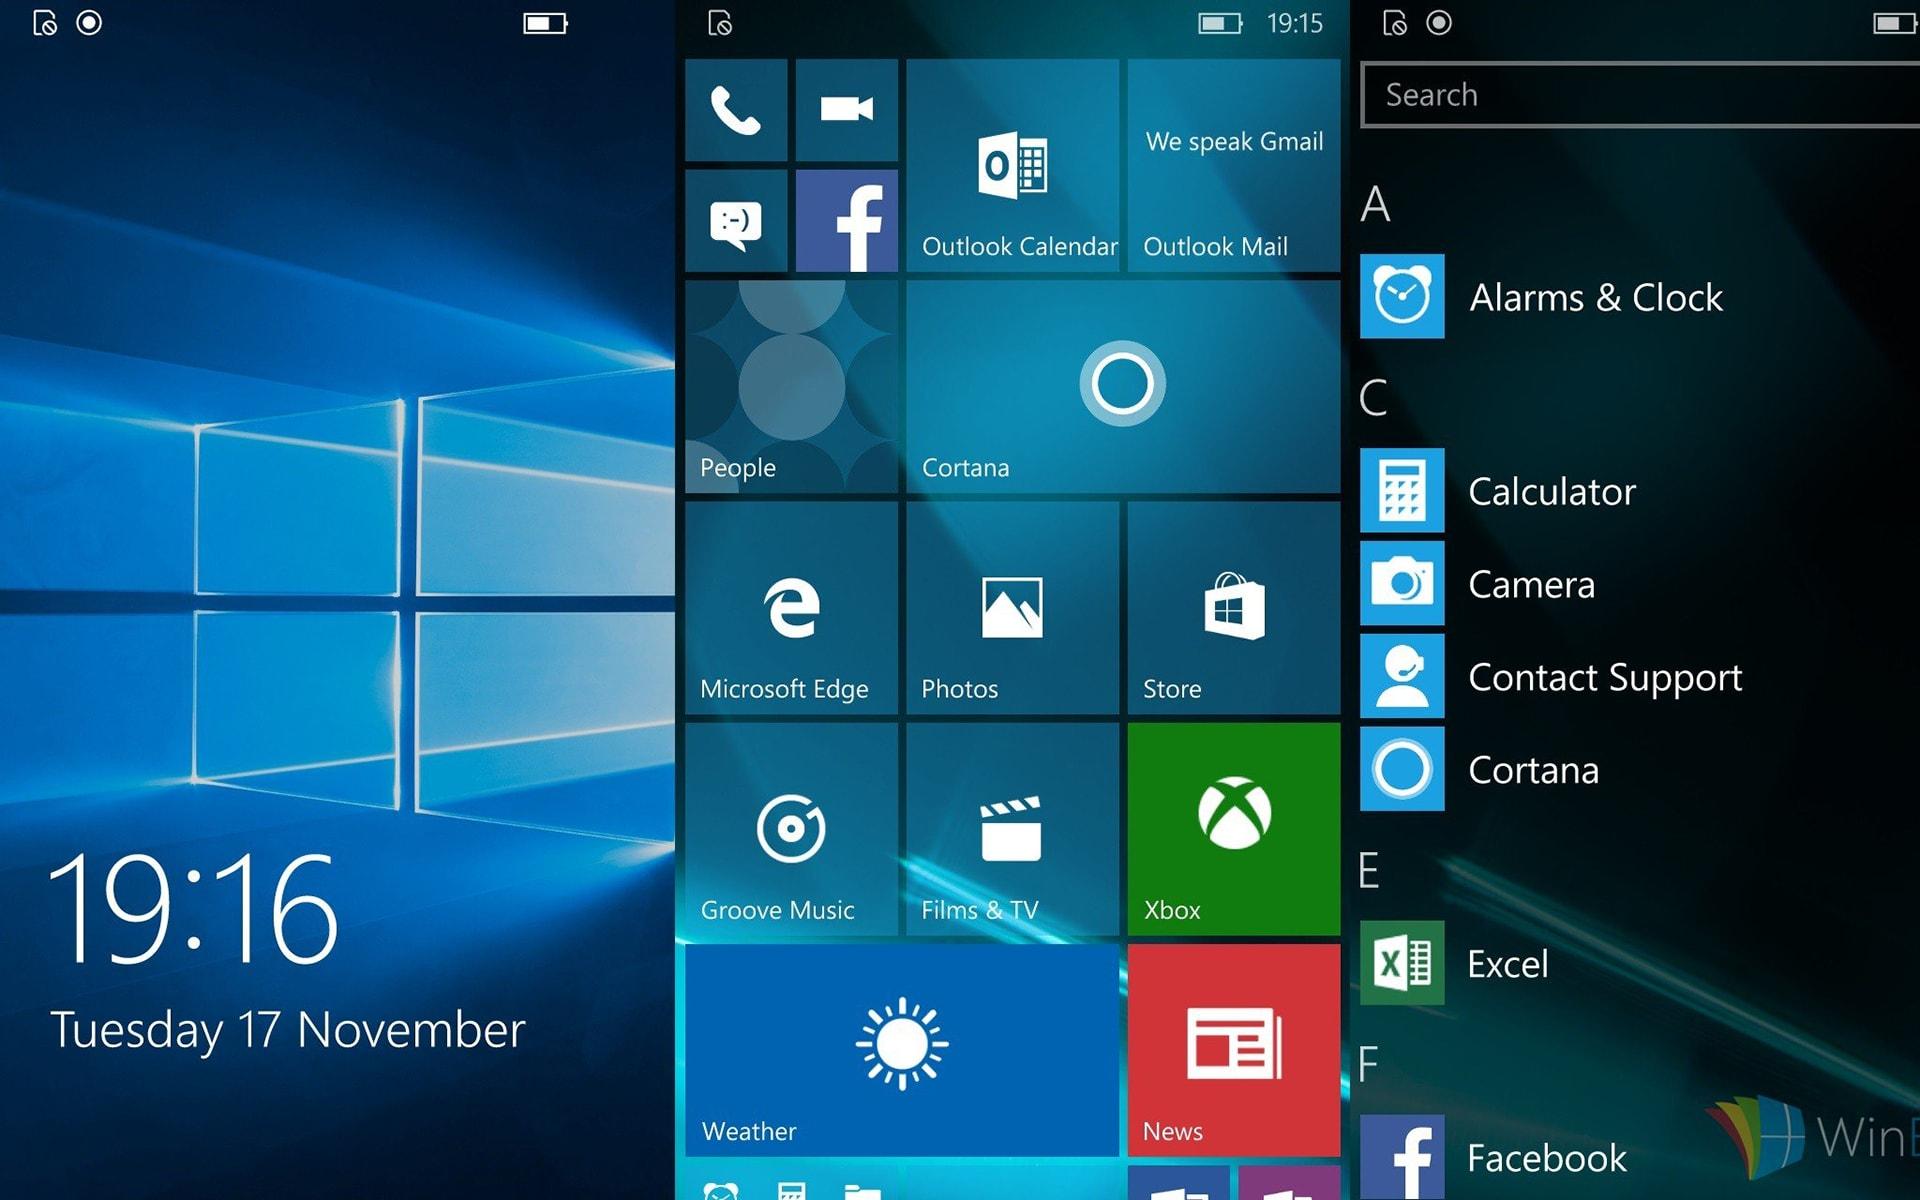 Windows 10 05